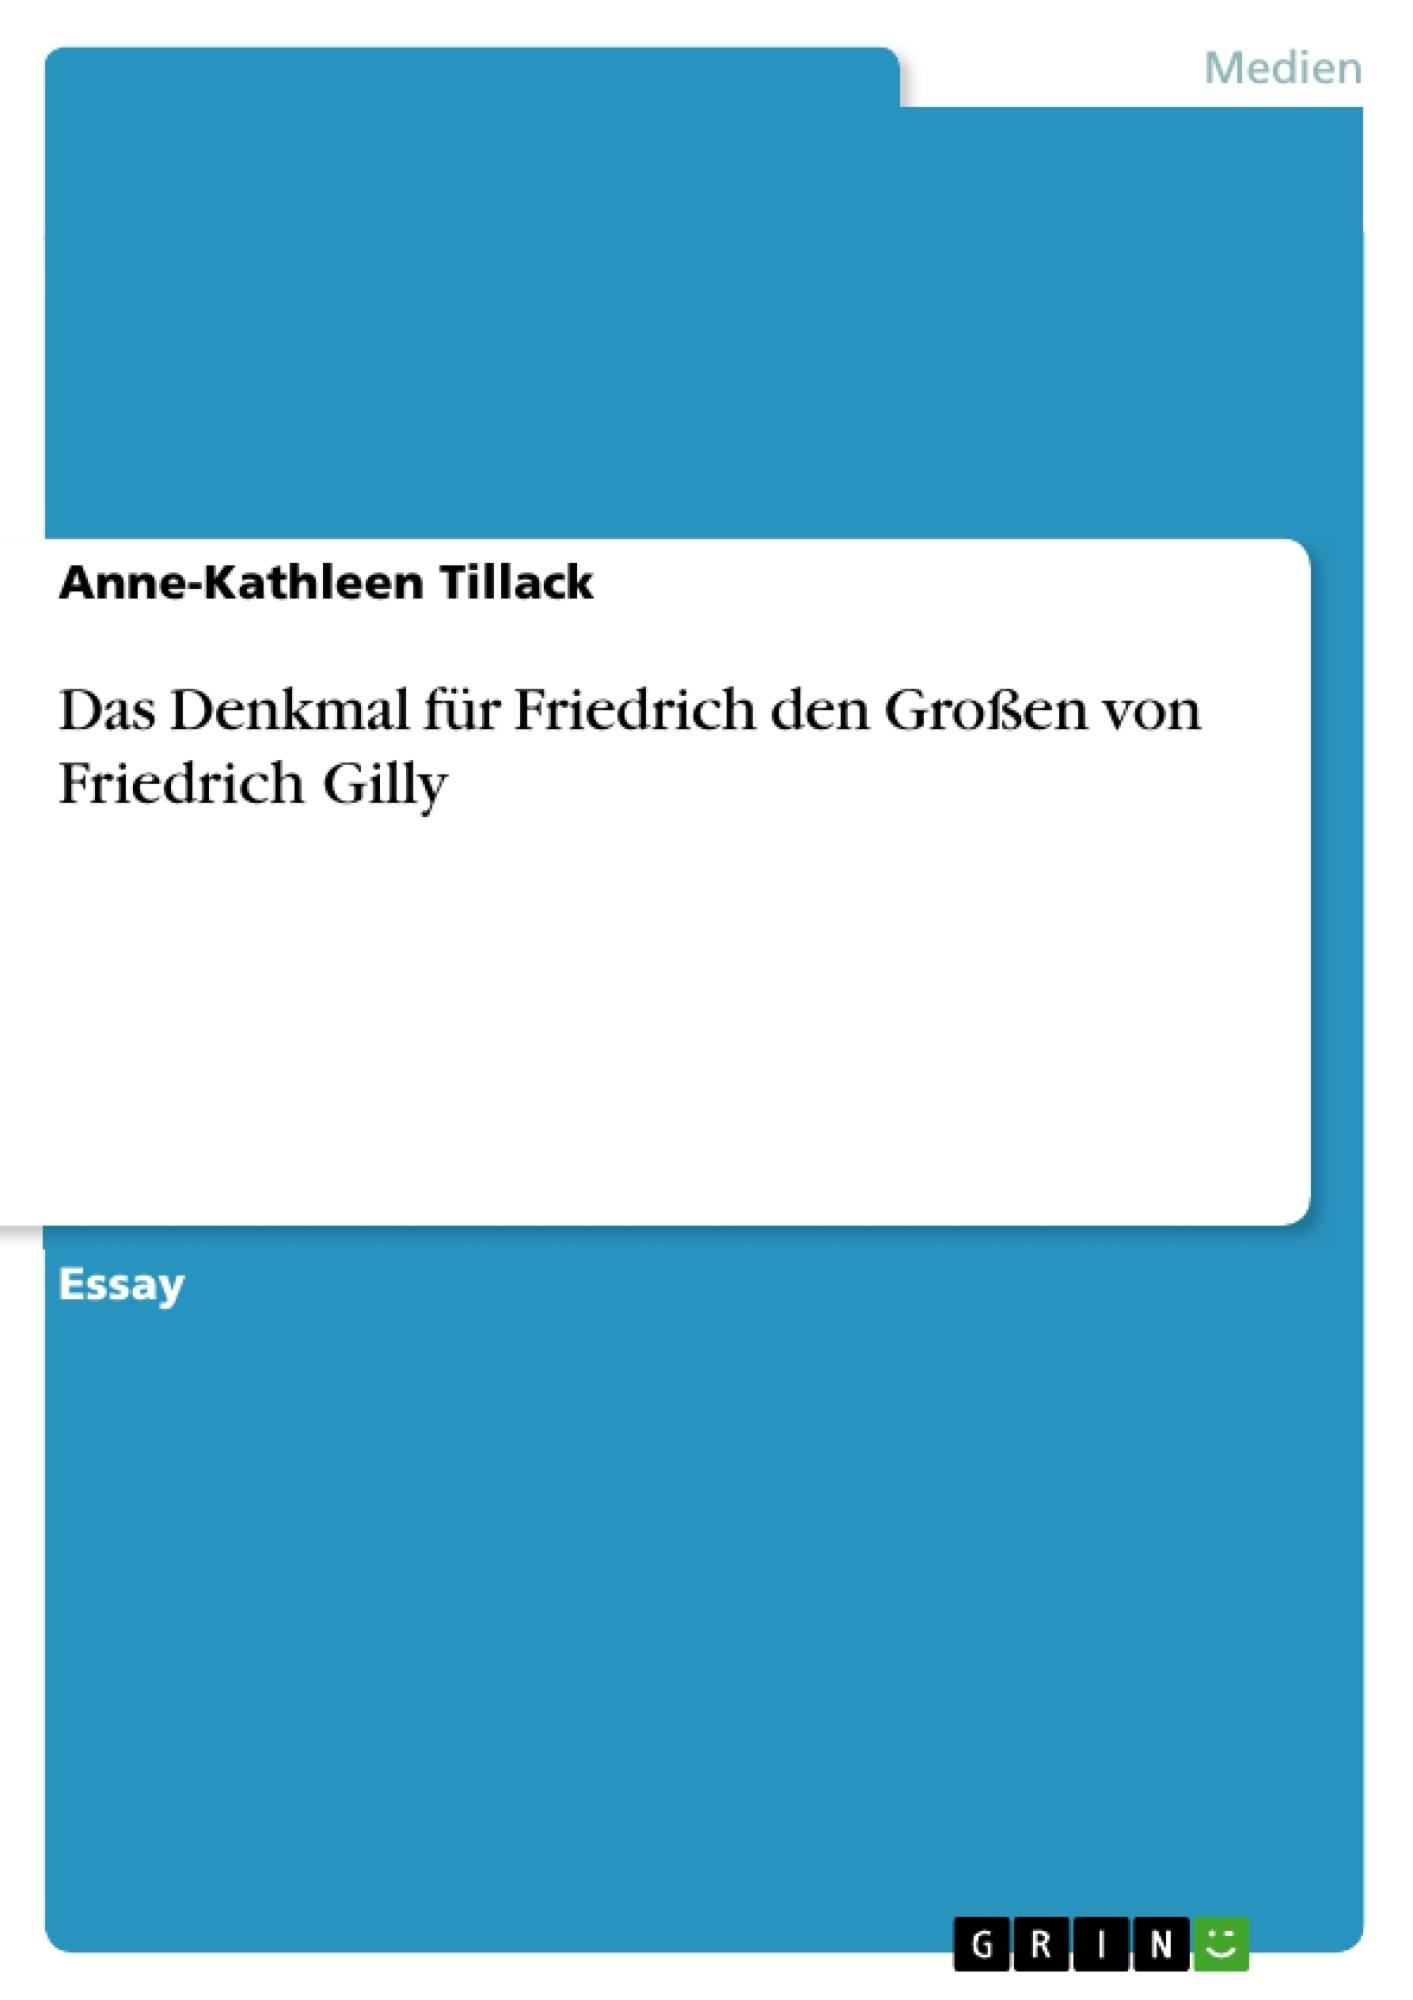 Titel: Das Denkmal für Friedrich den Großen von Friedrich Gilly